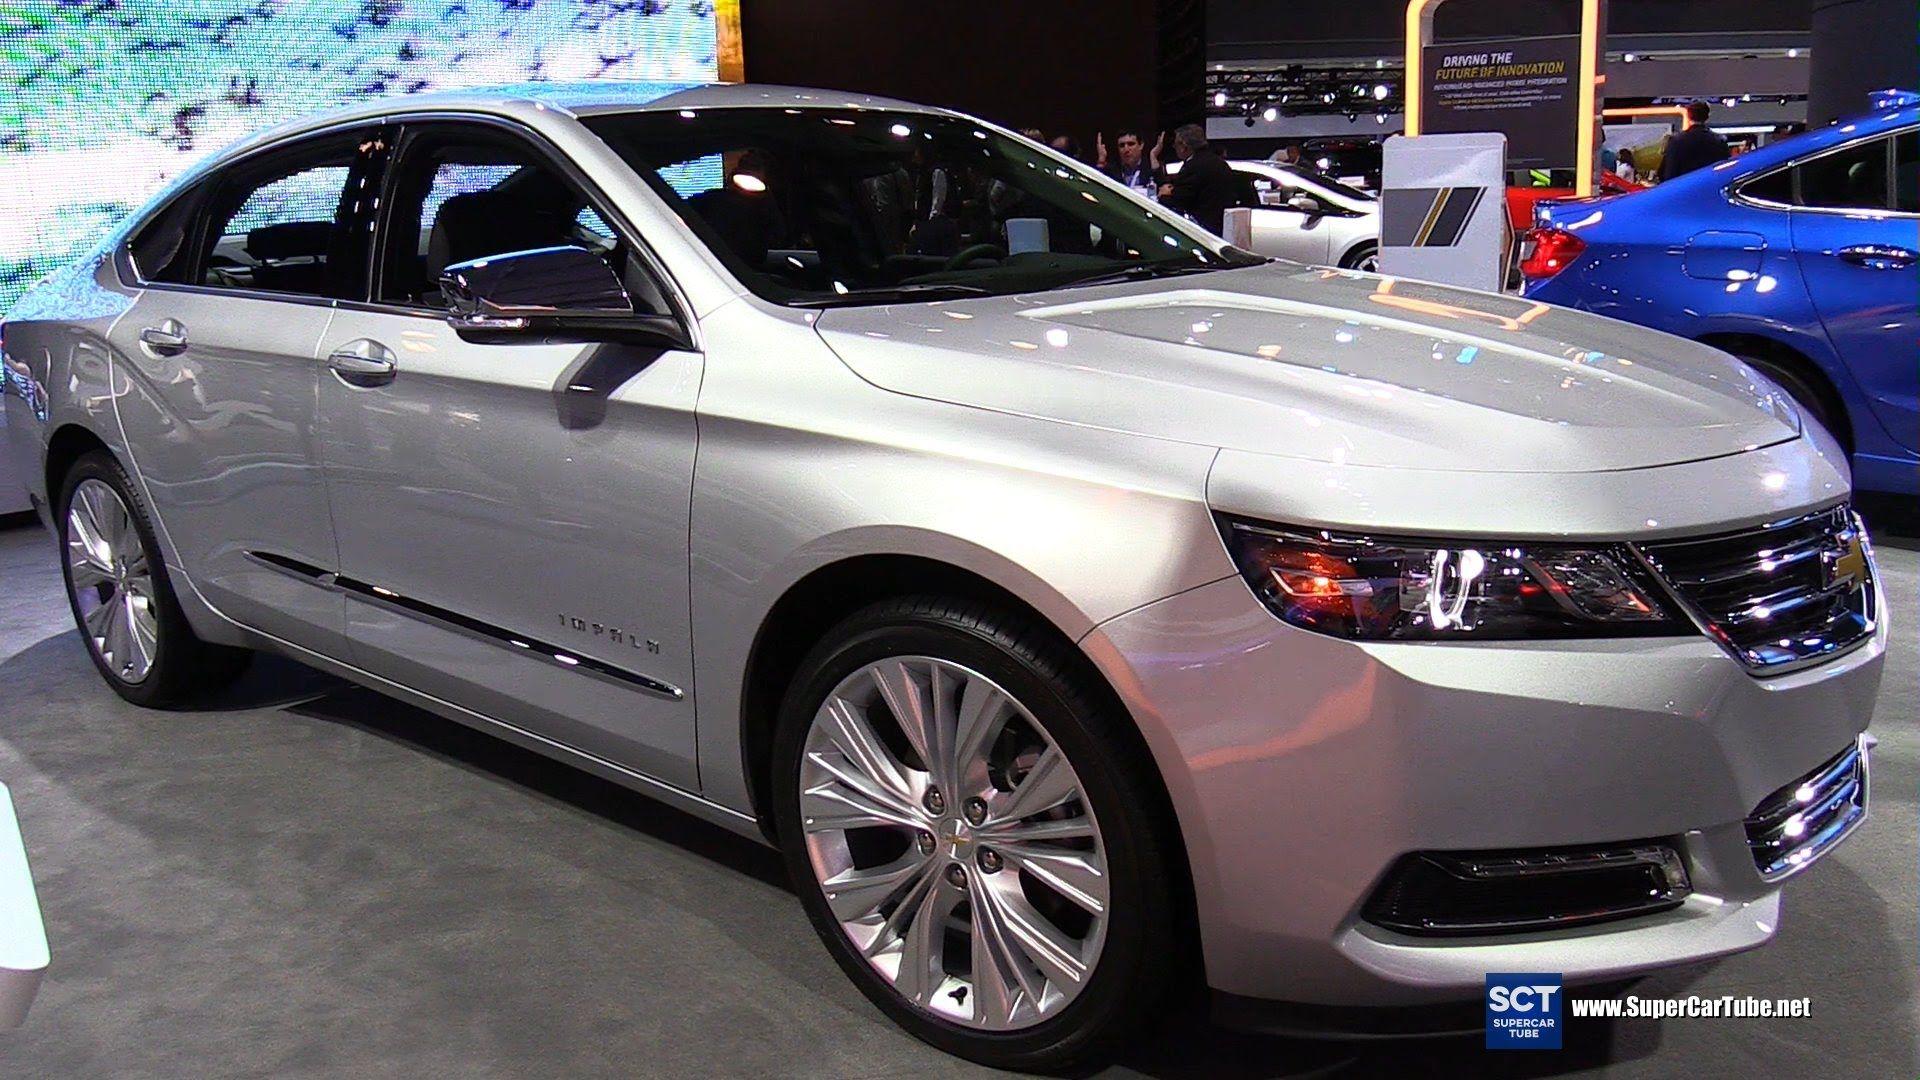 Chevrolet Impala 2015 …